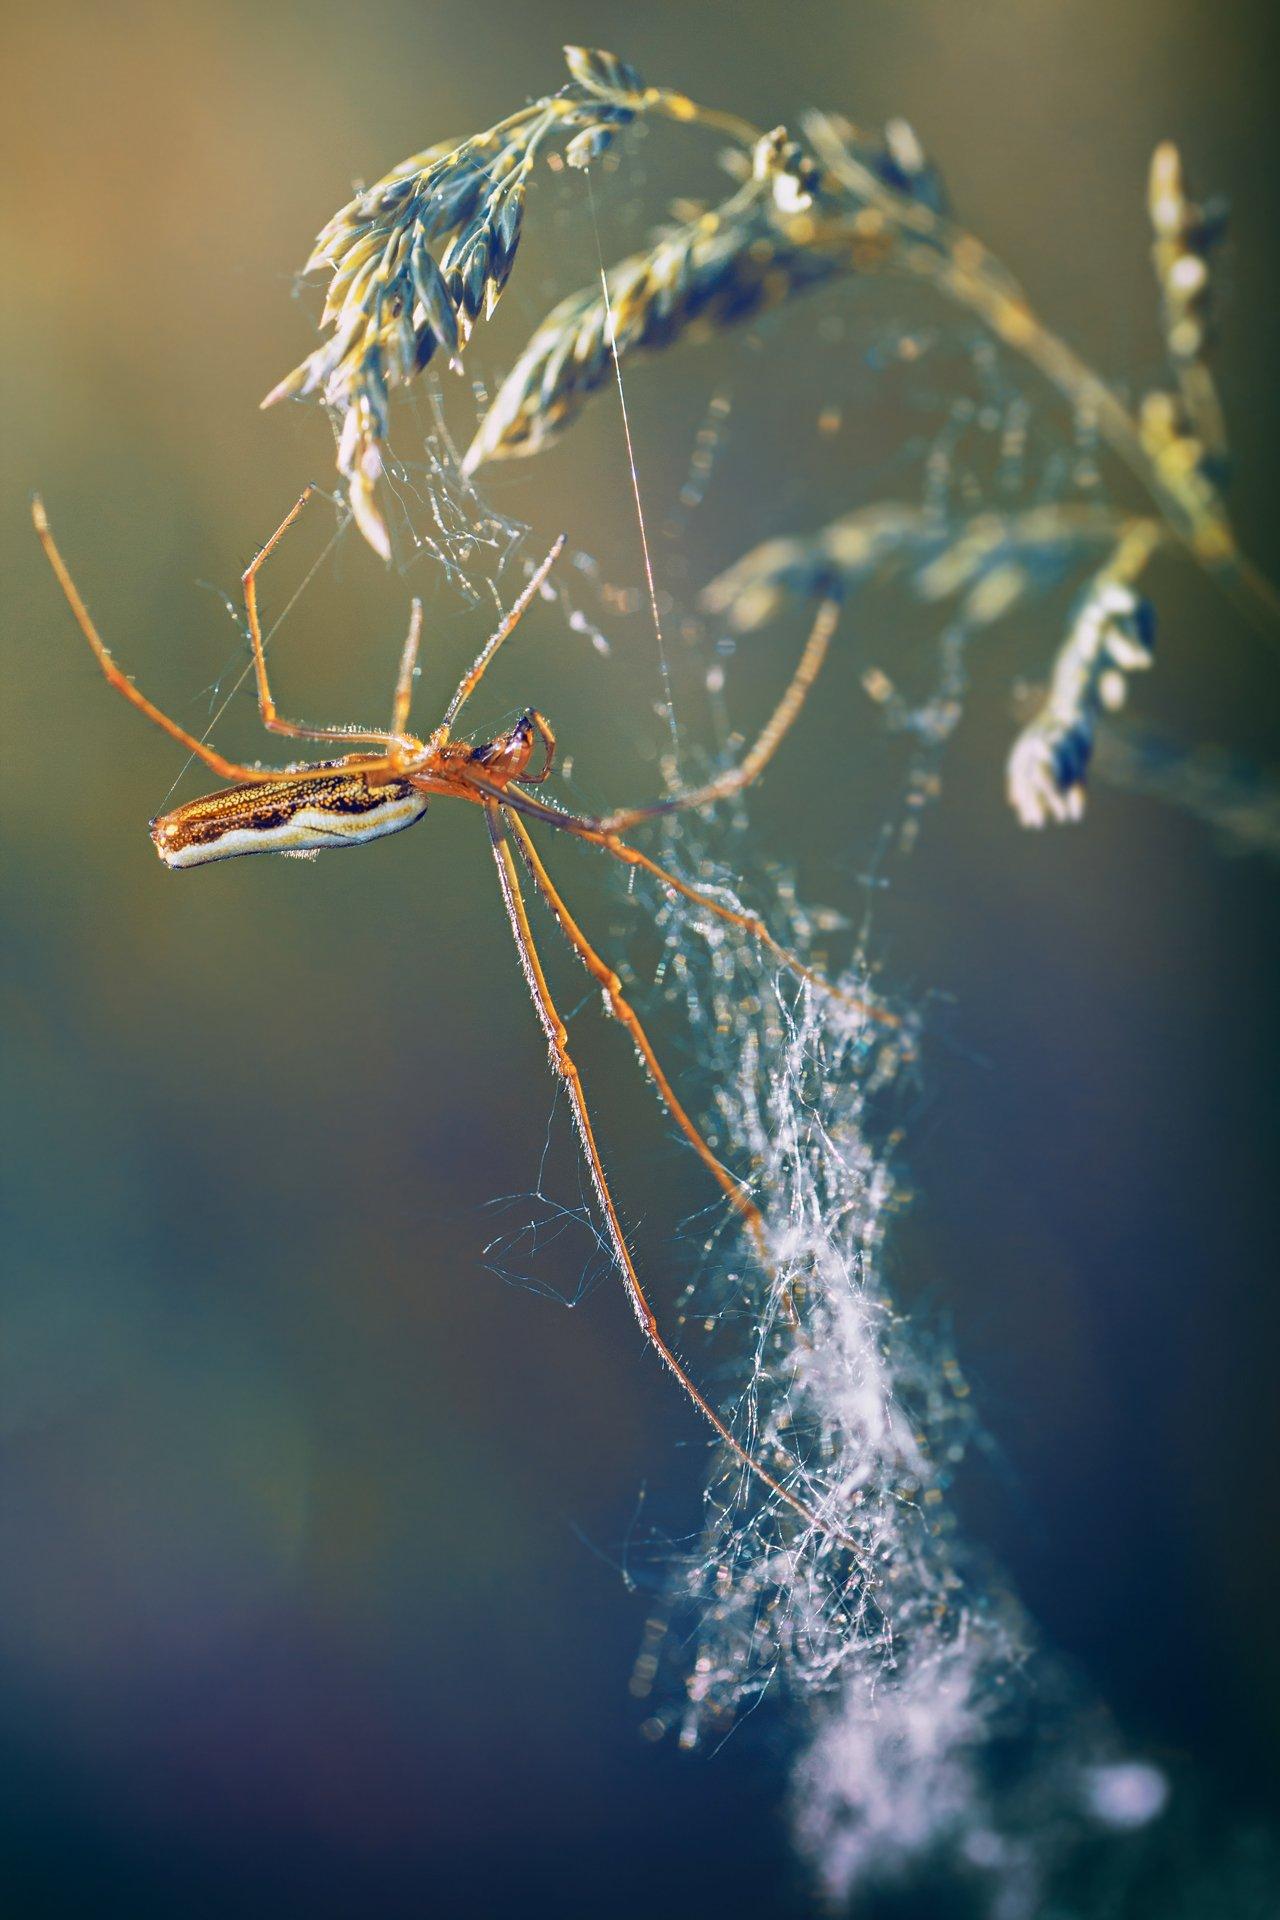 паук,лапы,дерево,цвет,осень,зелень,листва,трава, Котов Юрий